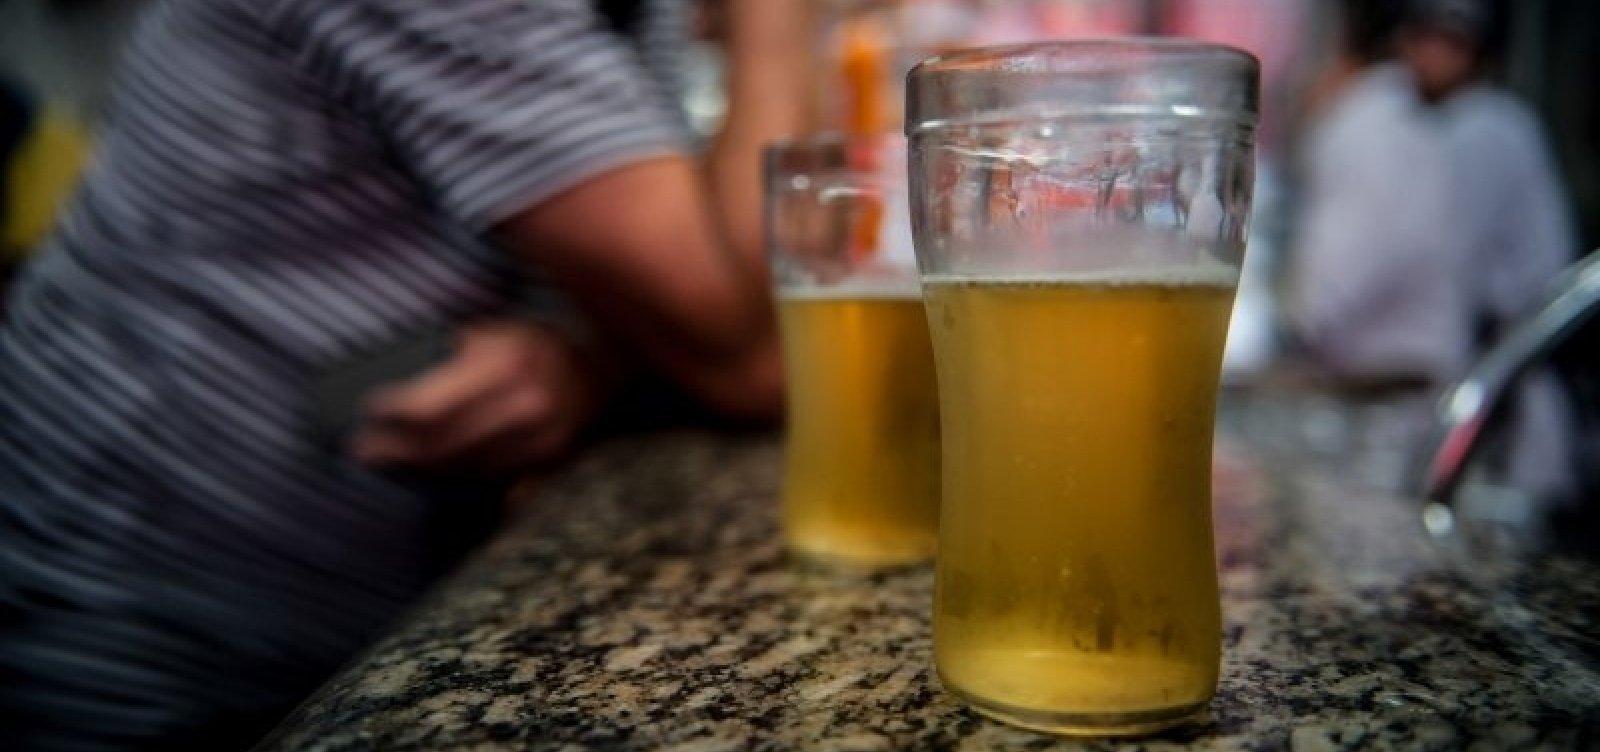 Fim de semana marca retorno da proibição de venda de bebida alcóolica